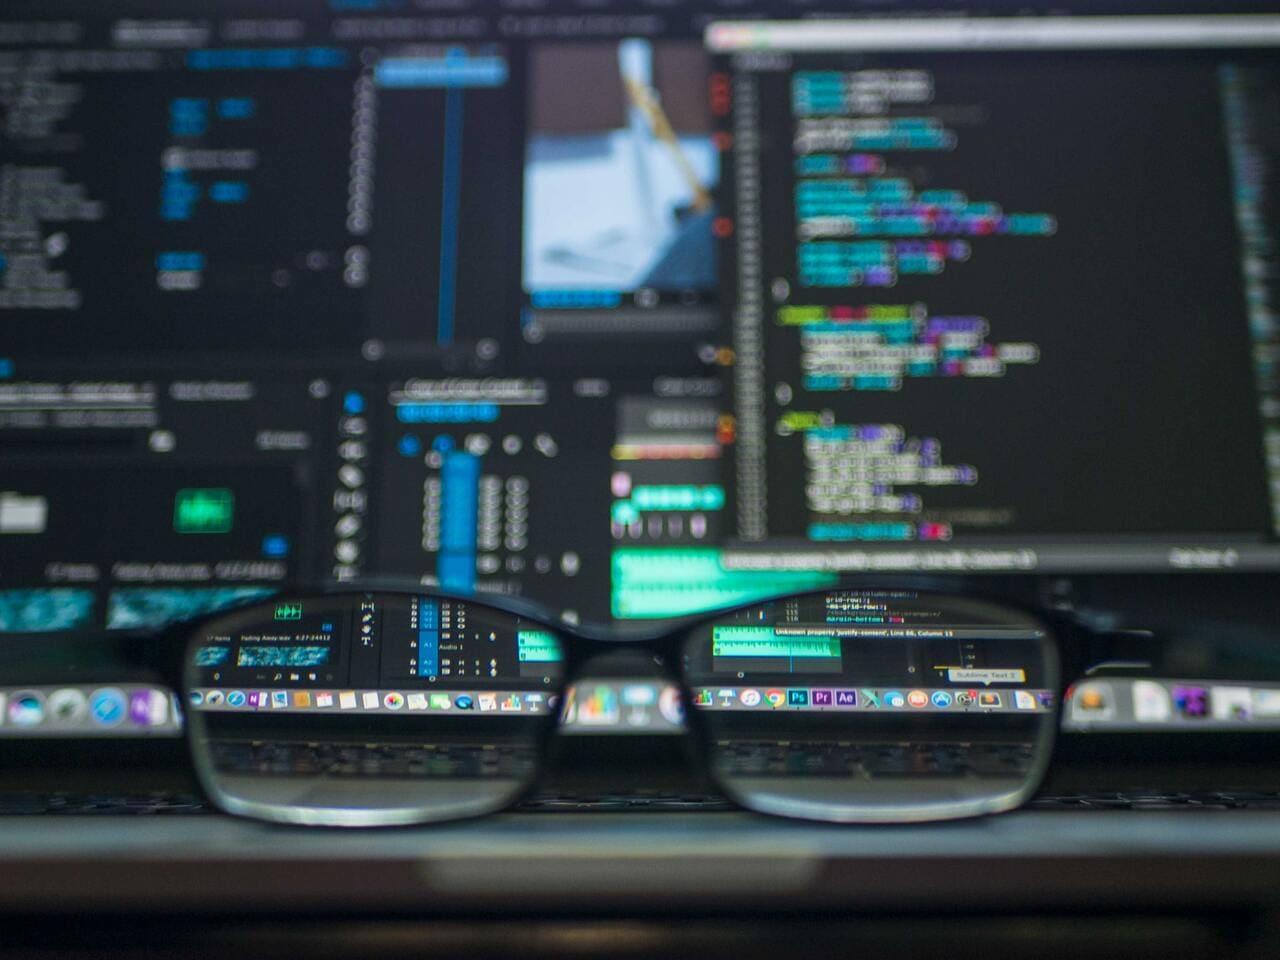 プログラミングが勉強できるおすすめサイト10選!